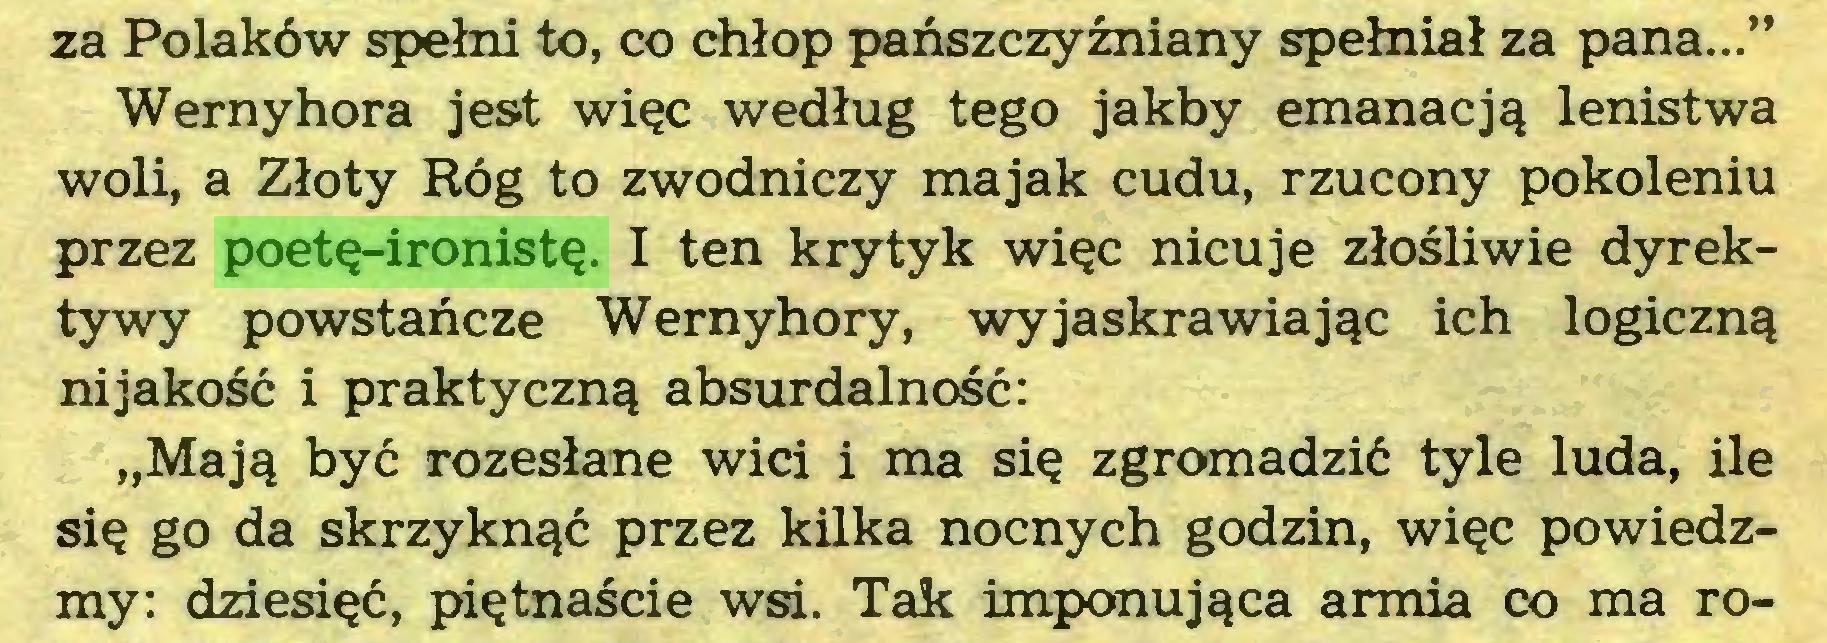 """(...) za Polaków spełni to, co chłop pańszczyźniany spełniał za pana..."""" Wernyhora jest więc według tego jakby emanacją lenistwa woli, a Złoty Róg to zwodniczy majak cudu, rzucony pokoleniu przez poetę-ironistę. I ten krytyk więc nicuje złośliwie dyrektywy powstańcze Wernyhory, wyjaskrawiając ich logiczną ni jakość i praktyczną absurdalność: """"Mają być rozesłane wici i ma się zgromadzić tyle luda, ile się go da skrzyknąć przez kilka nocnych godzin, więc powiedzmy: dziesięć, piętnaście wsi. Tak imponująca armia co ma ro..."""